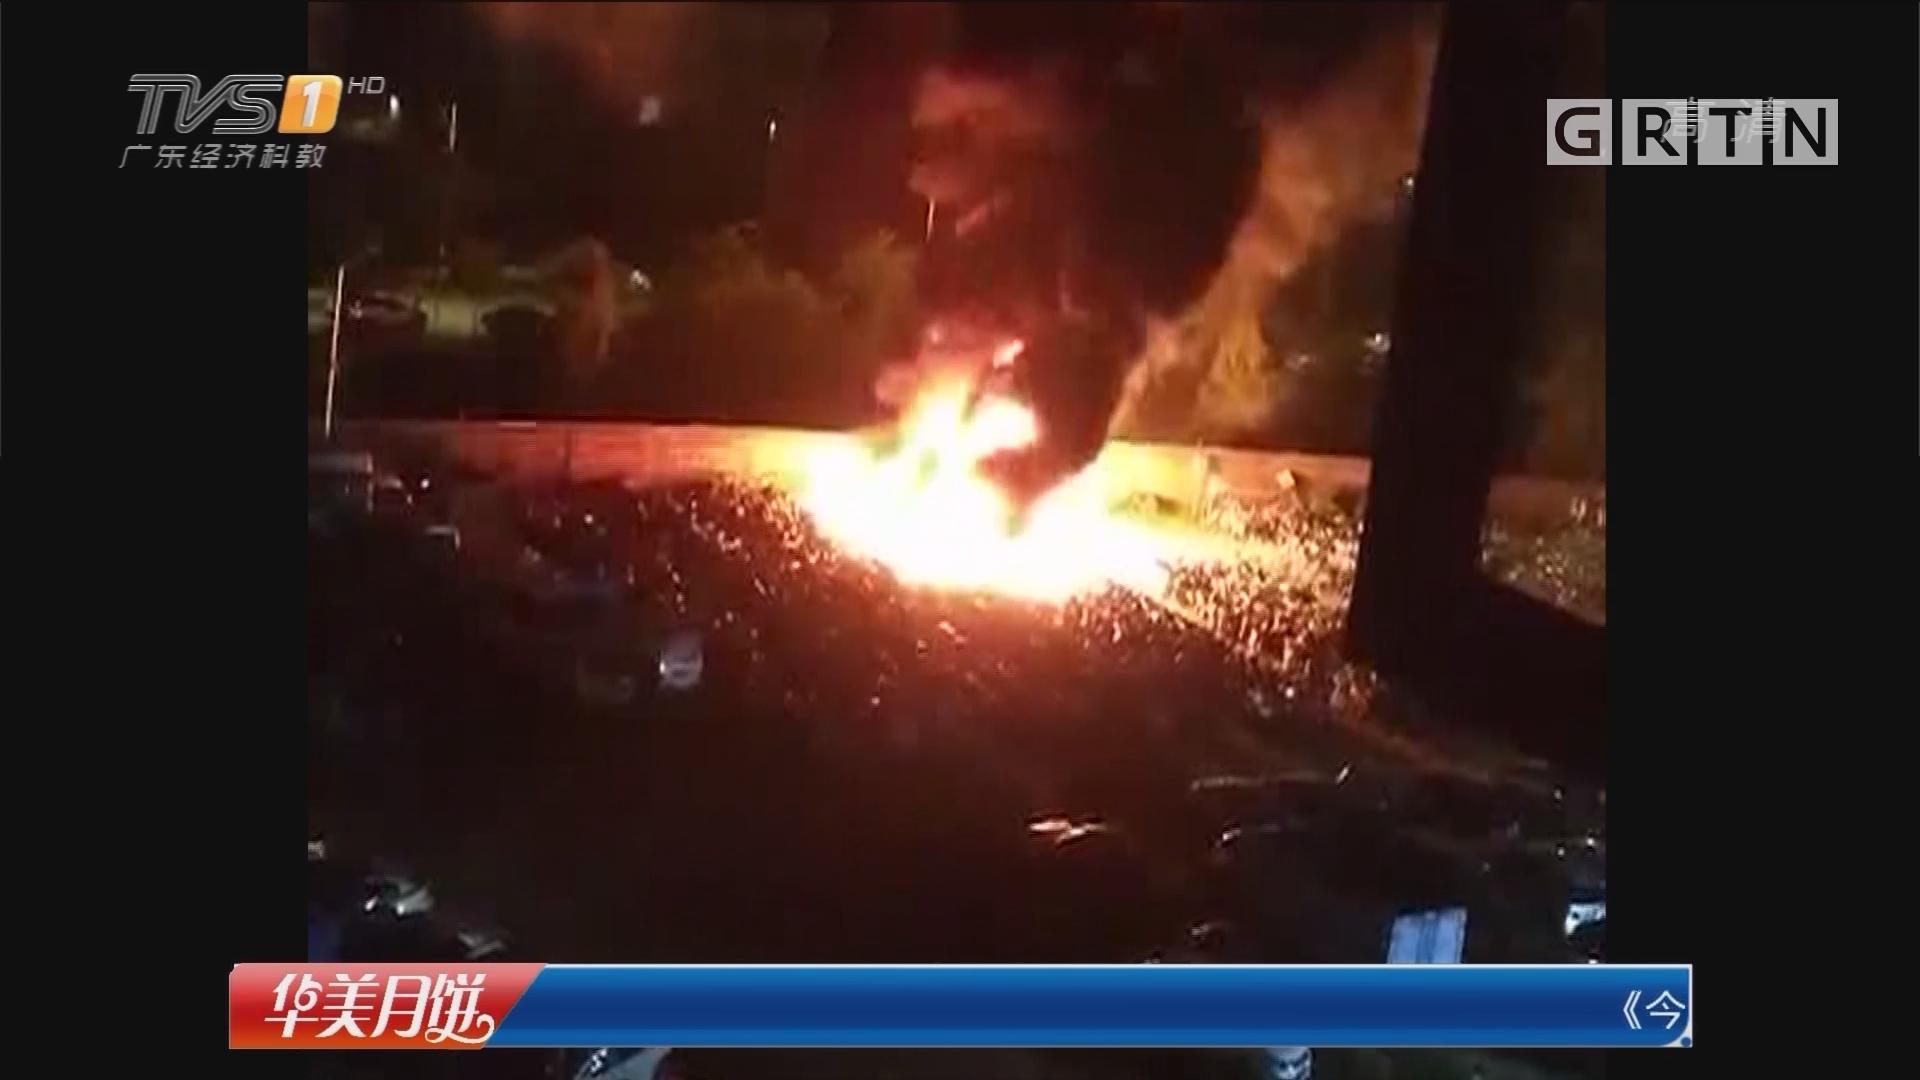 佛山顺德:违法肇事车辆停车场失火 消防及时扑灭